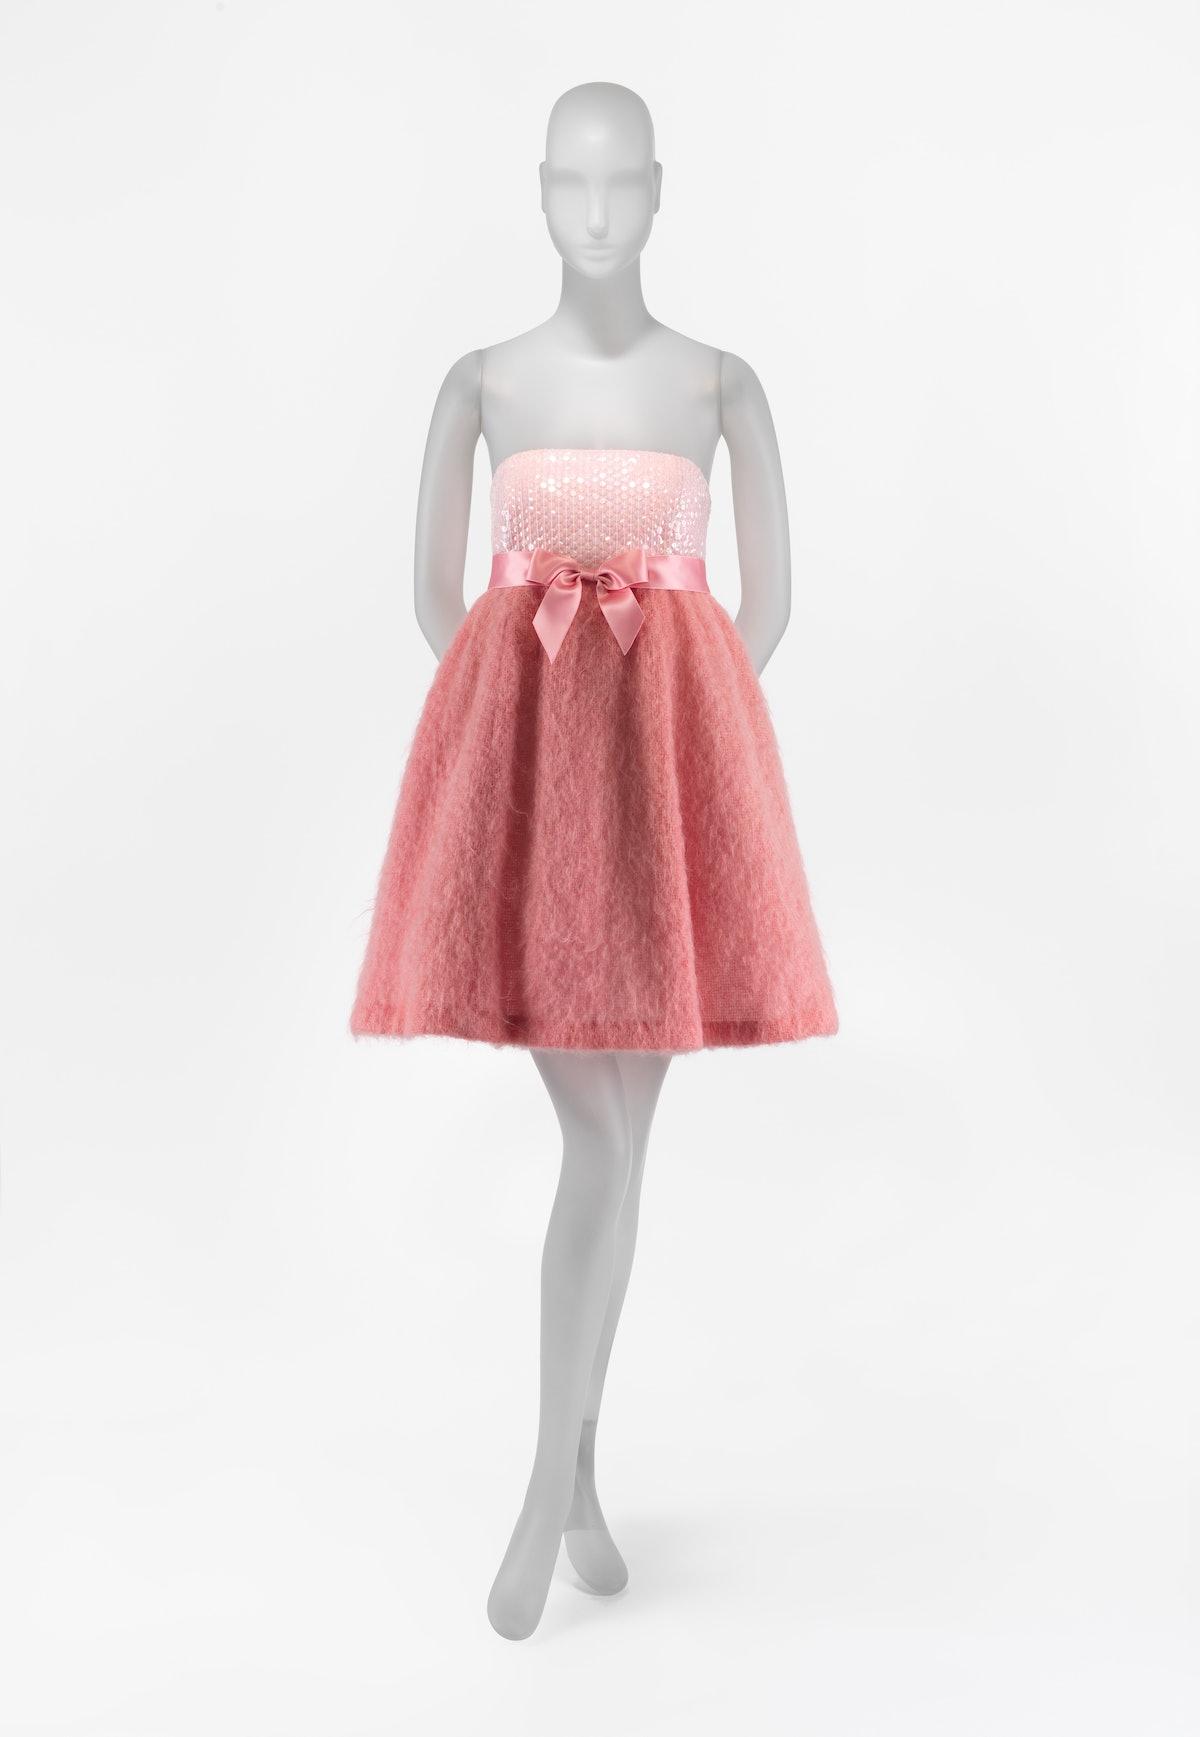 A pink babydoll dress by Isaac Mizrahi